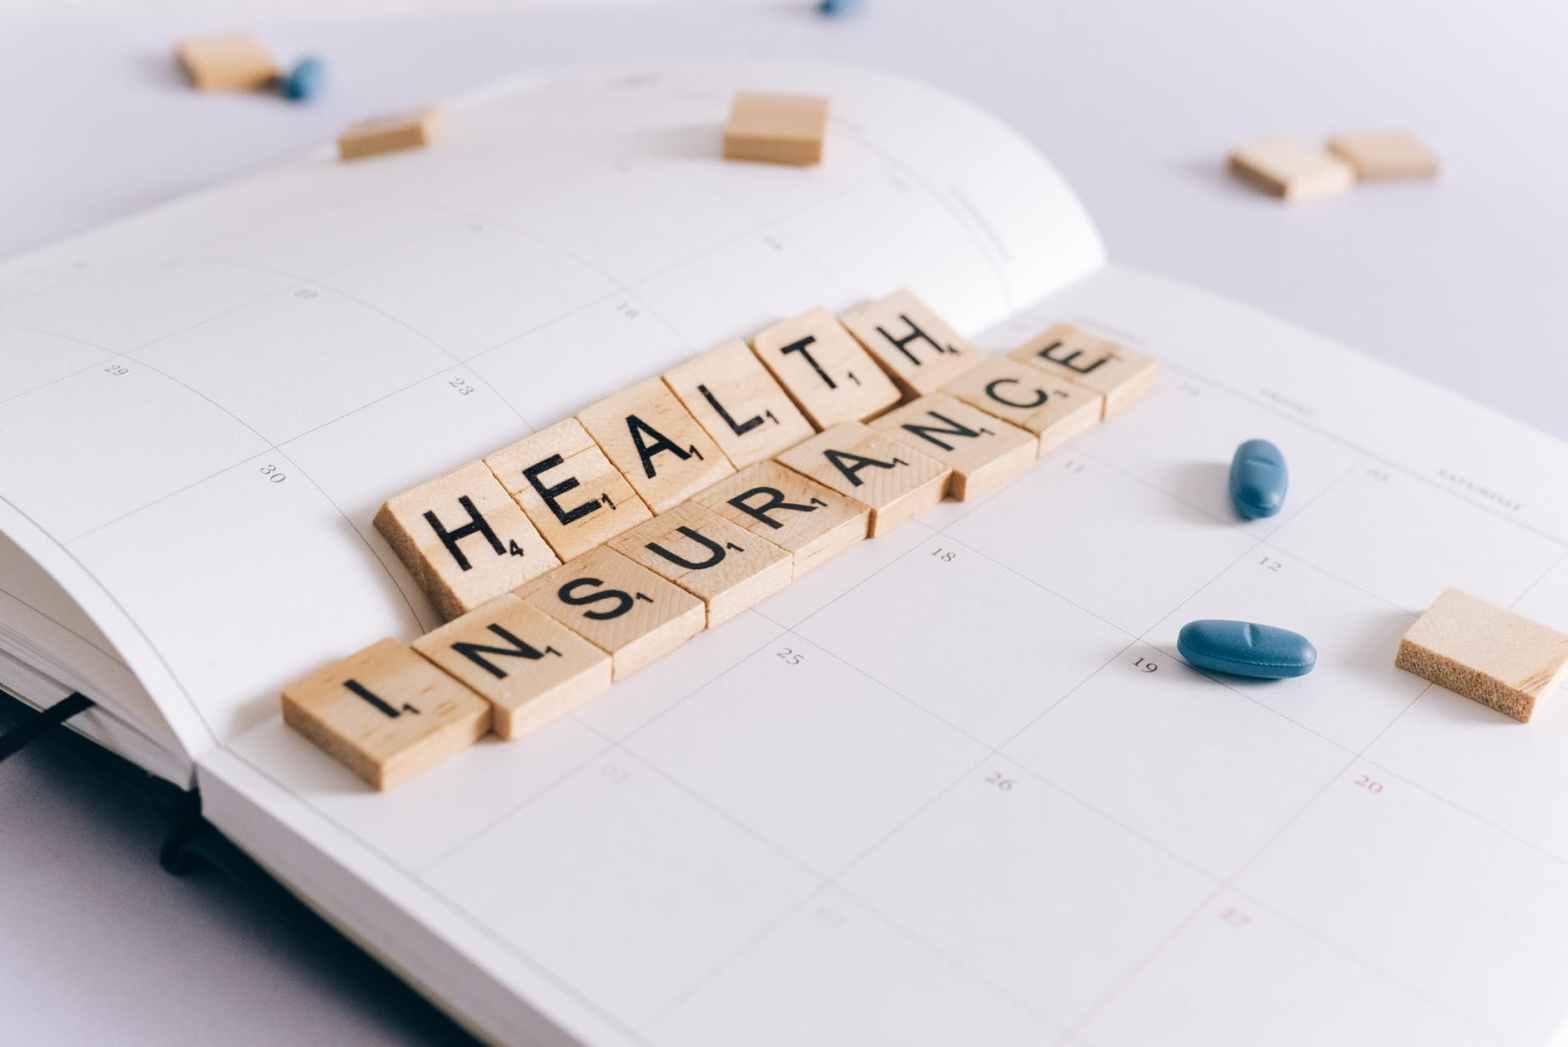 health insurance scrabble tiles on planner